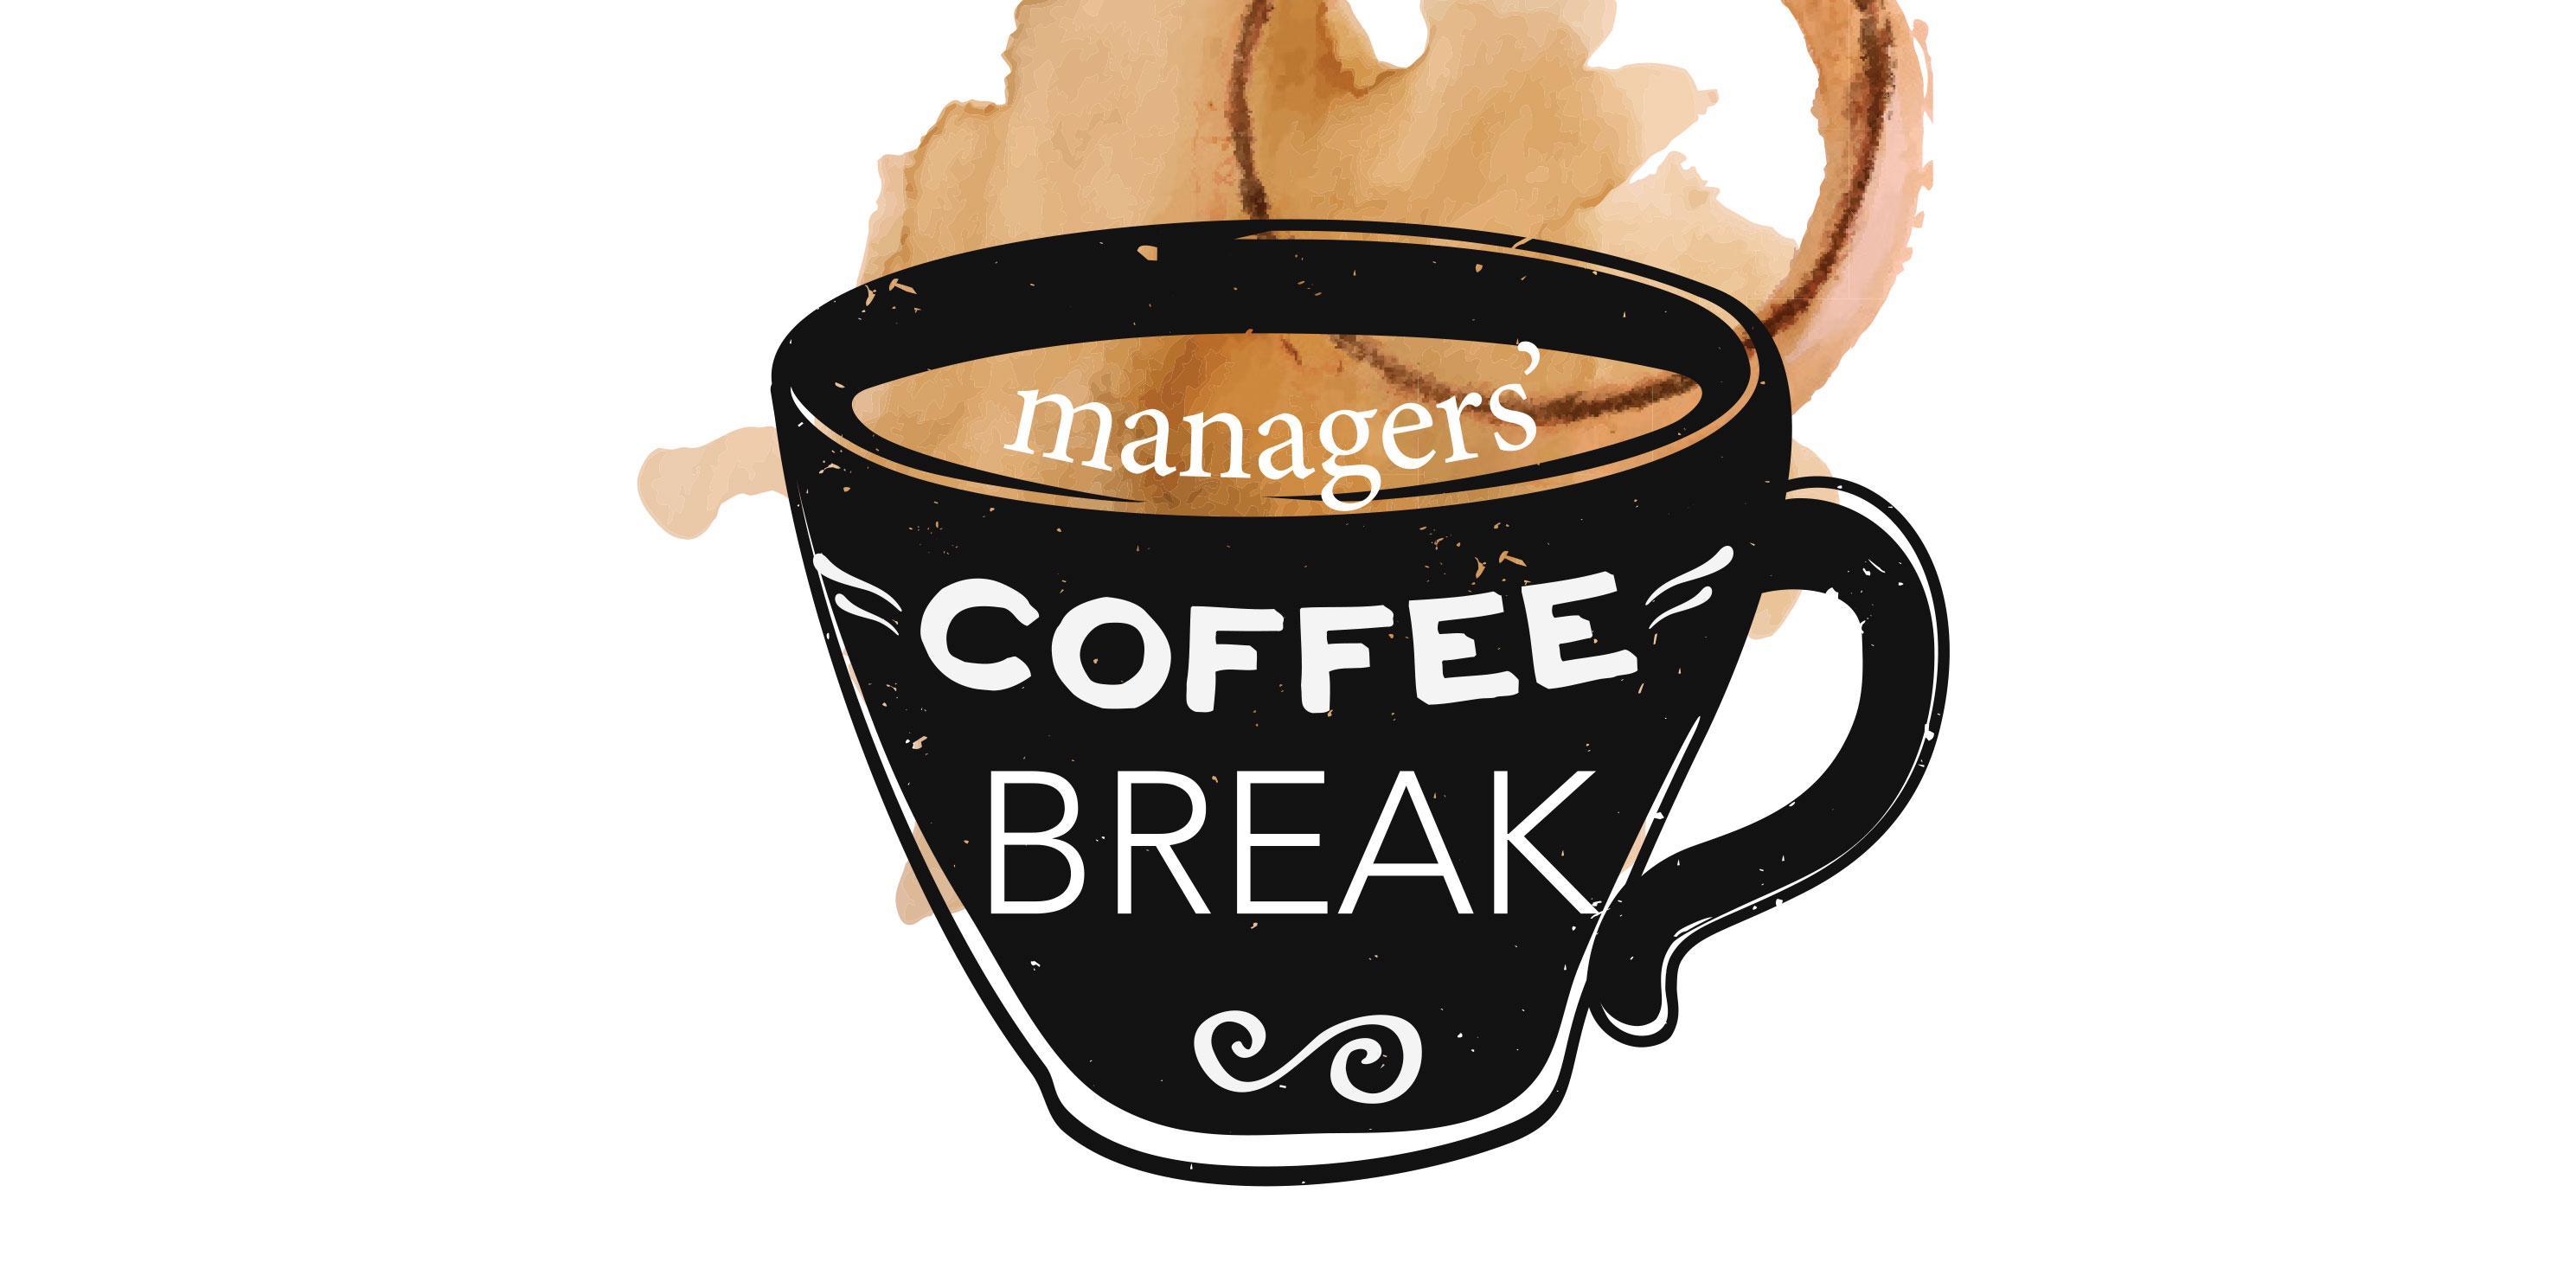 Managers' Coffee Break 'Myth Busting Veteran